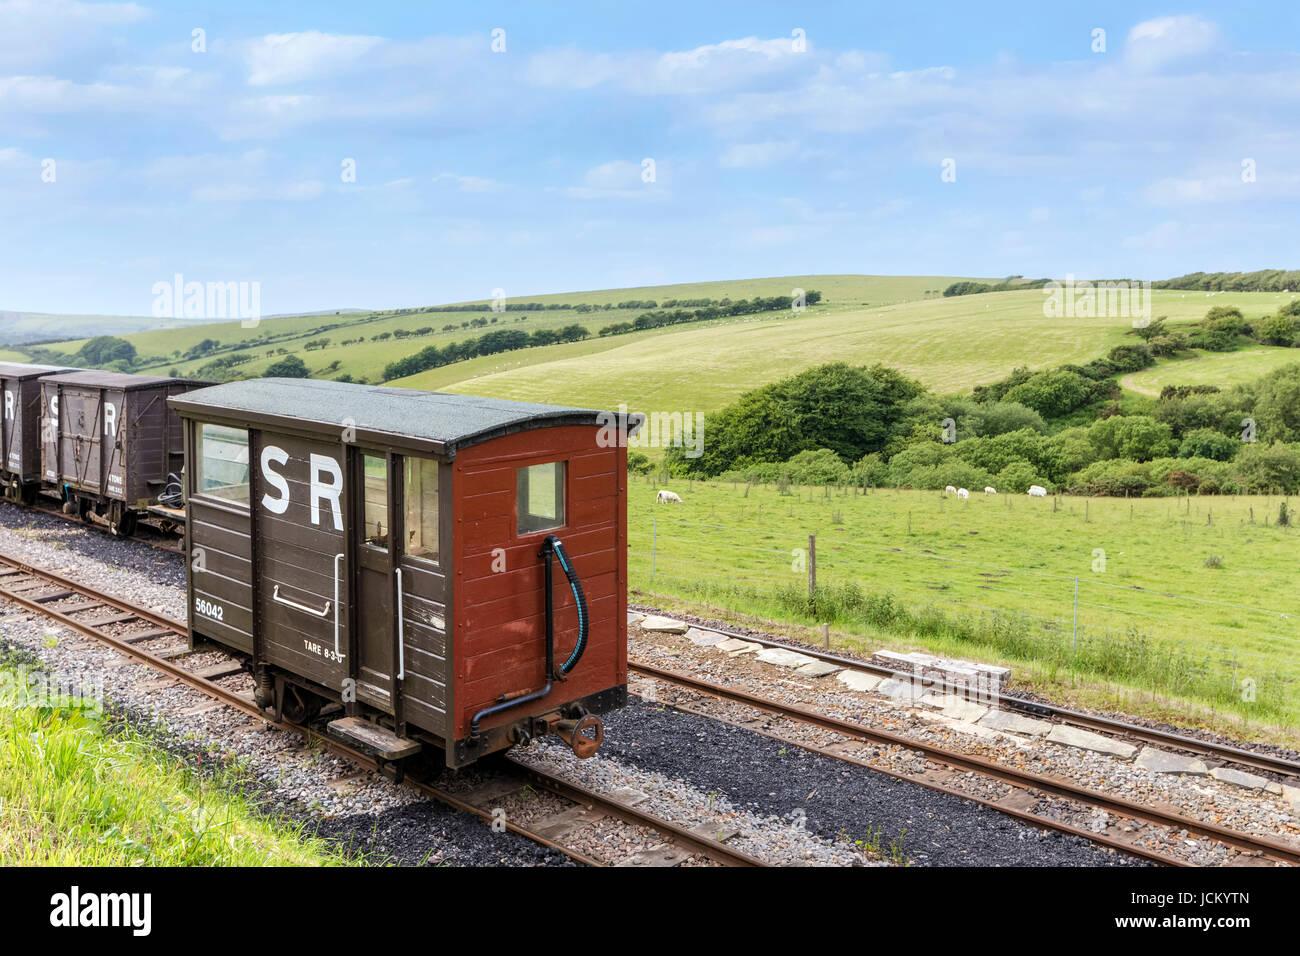 Woody Bay Railway Station, Lynton, Exmoor, Devon, England, UK - Stock Image